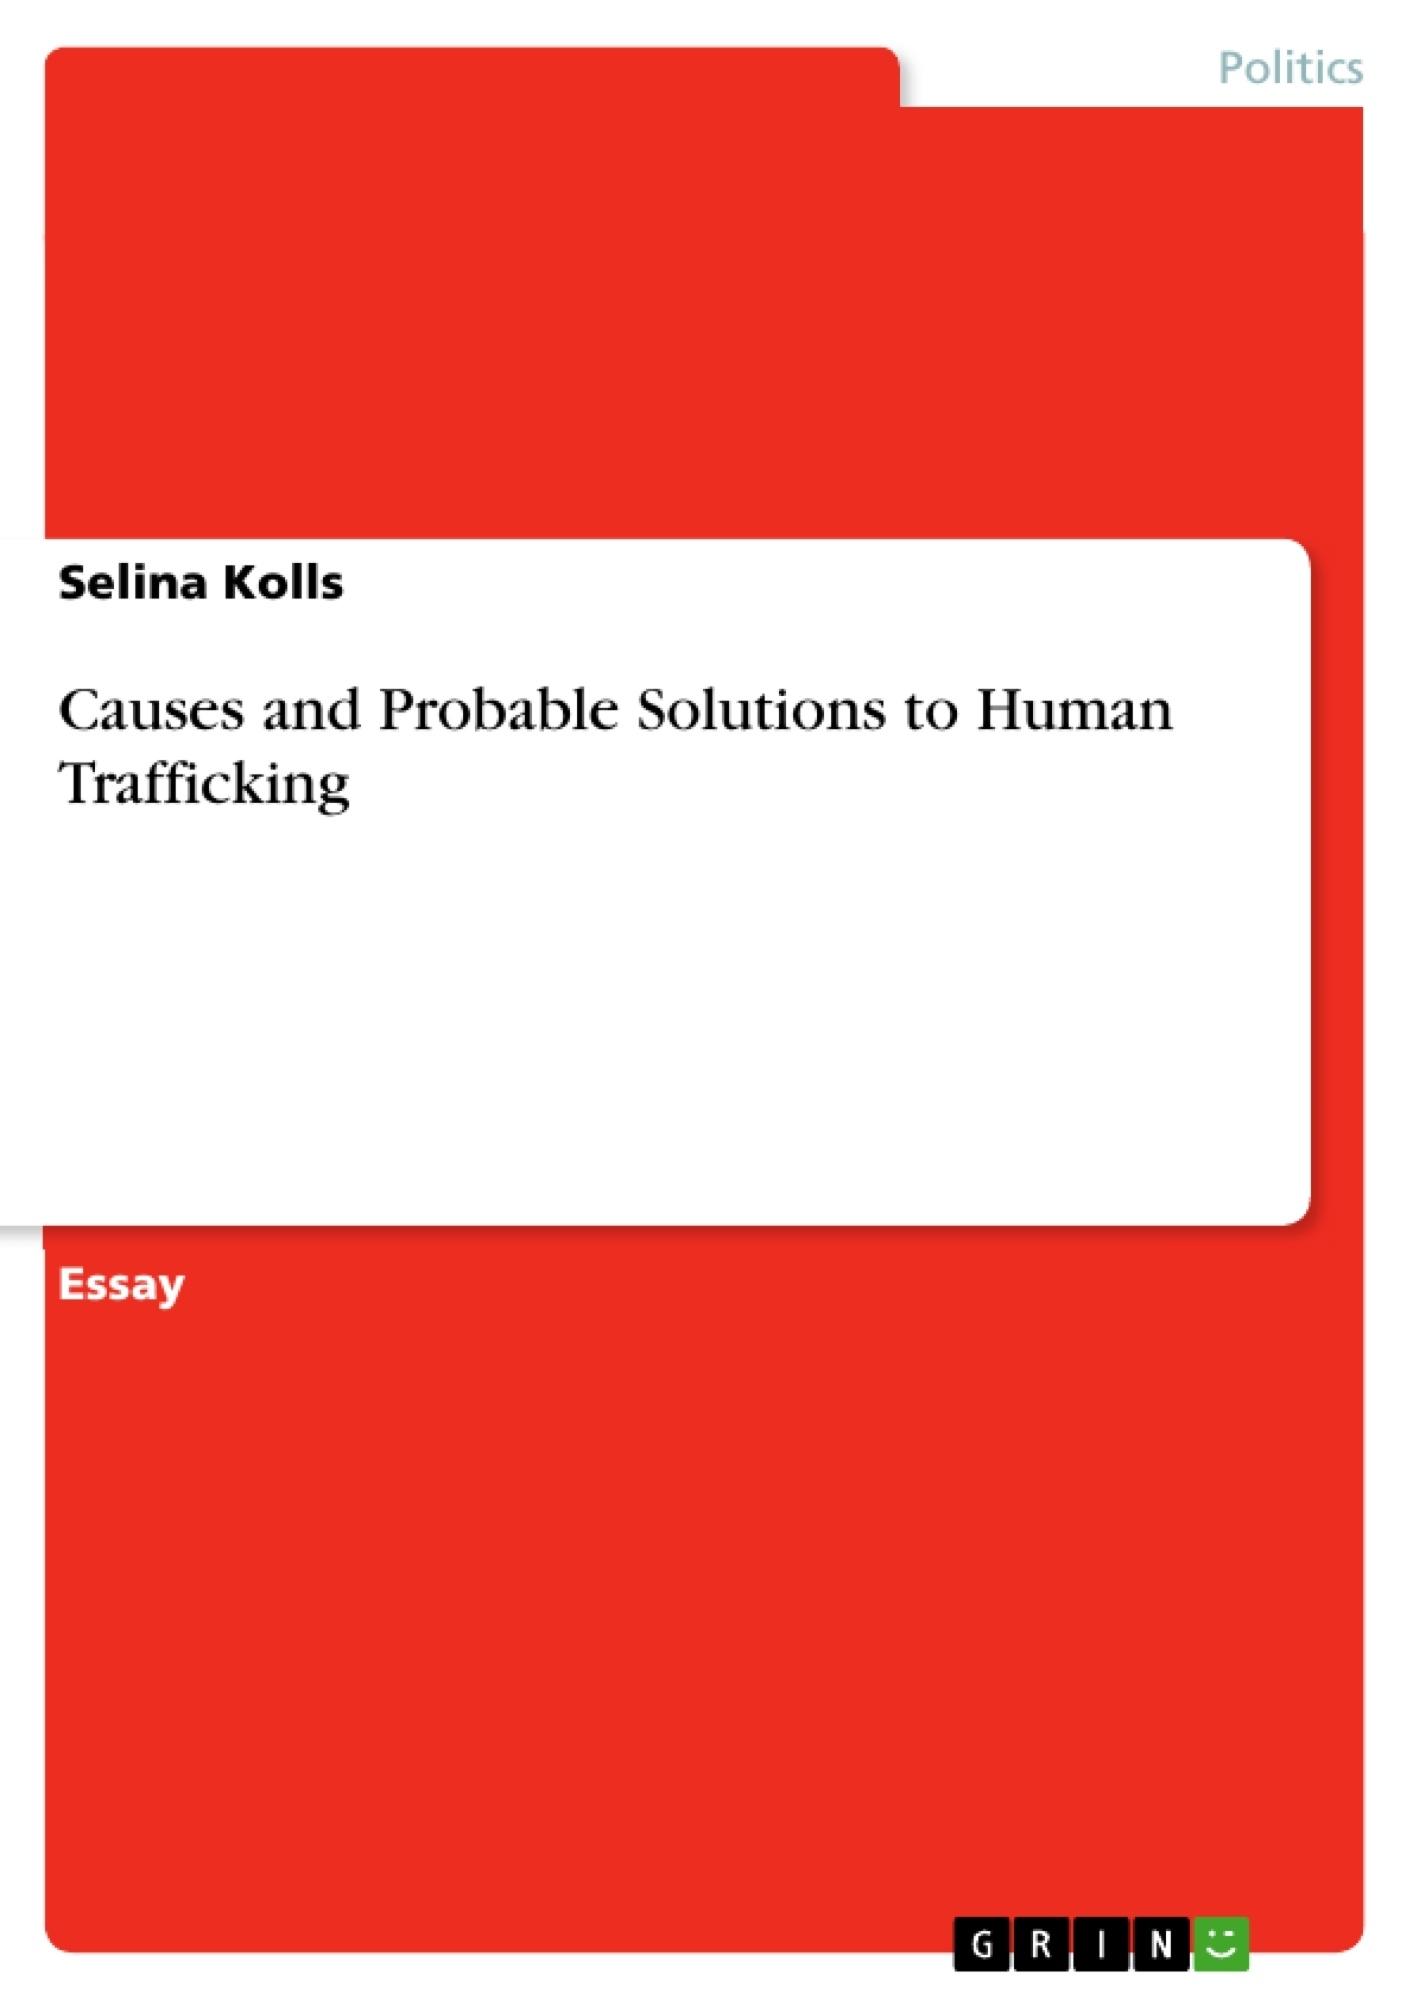 Master thesis on human trafficking